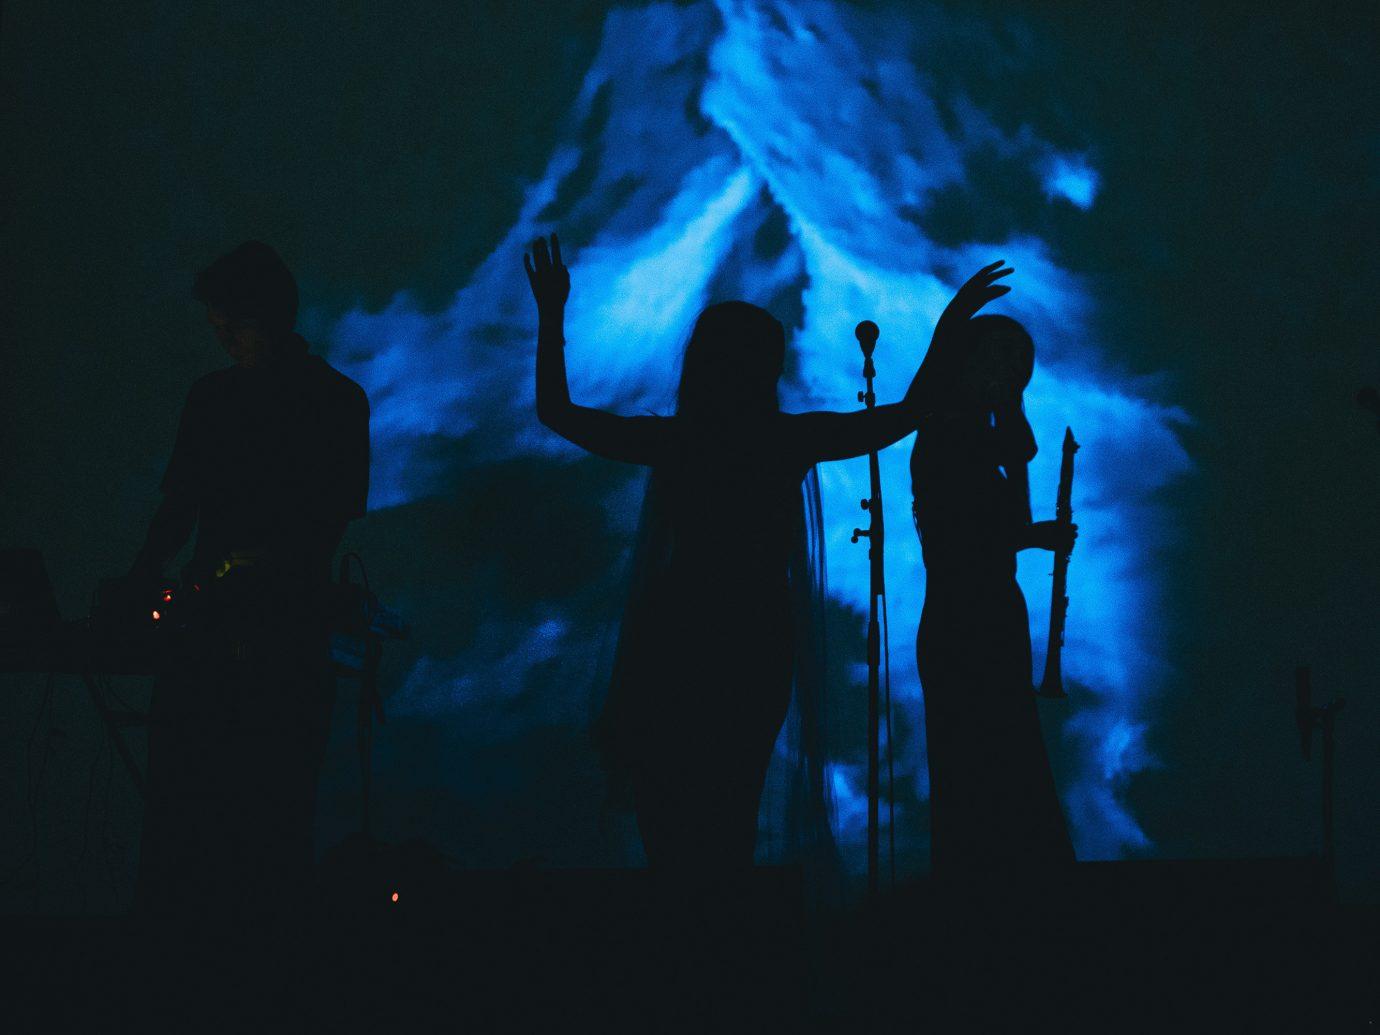 Arts + Culture dark blue darkness light screenshot silhouette computer wallpaper special effects